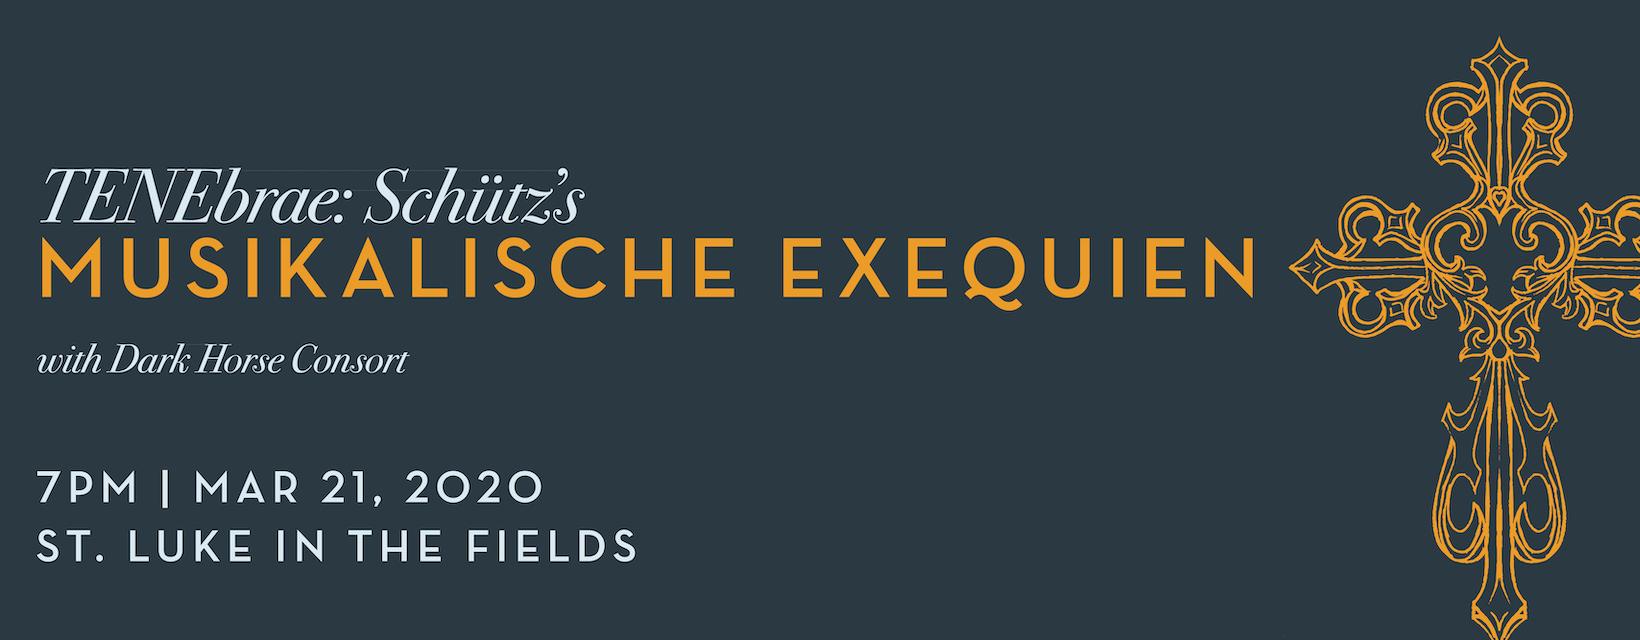 Musikalische Exequien width 1640.jpg